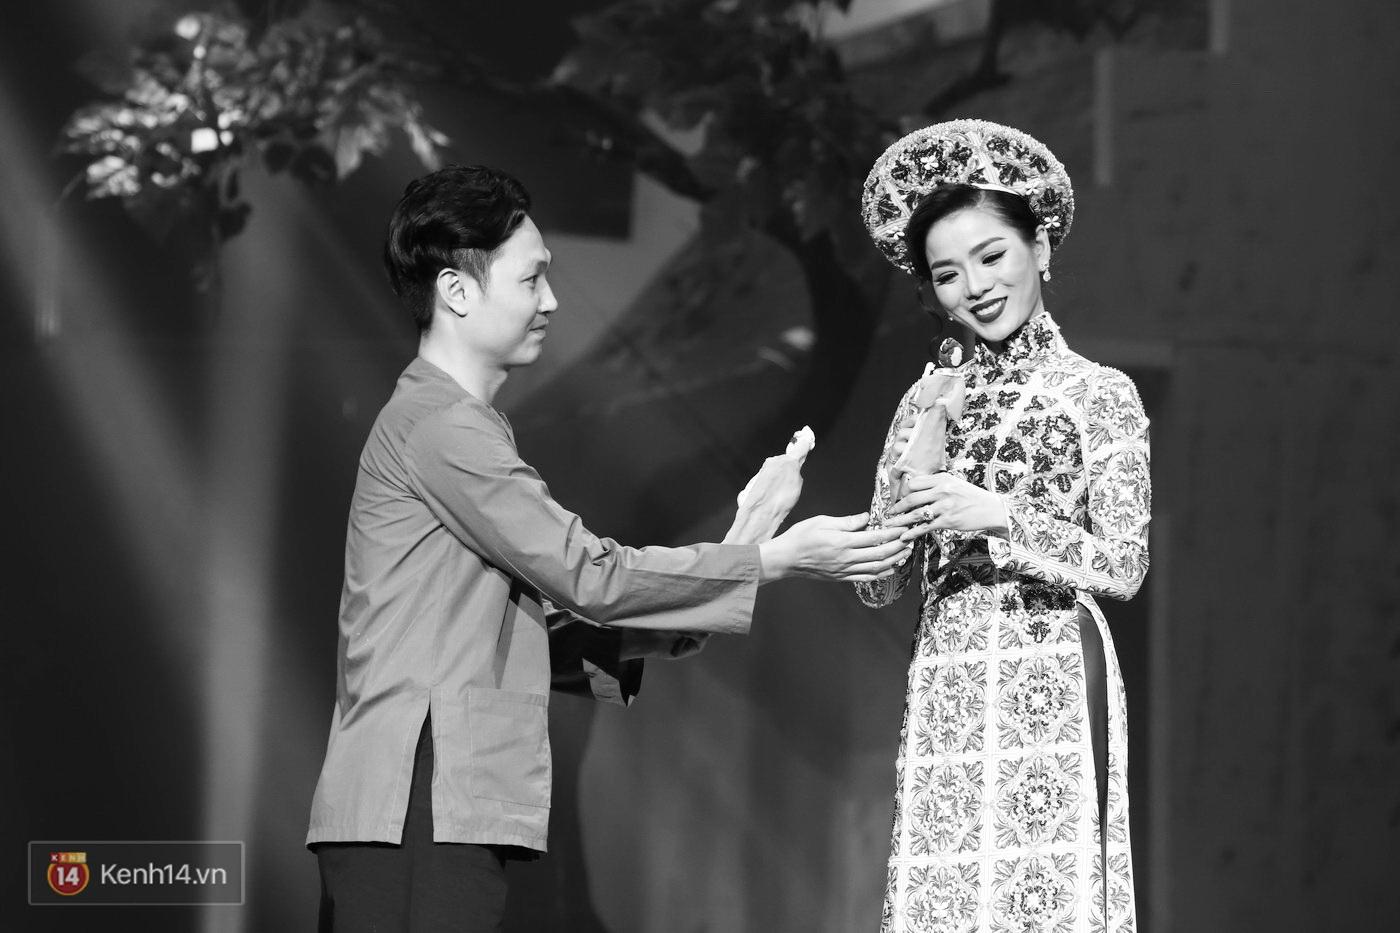 Lệ Quyên ước mình được làm cô dâu của Quang Dũng - Ảnh 10.